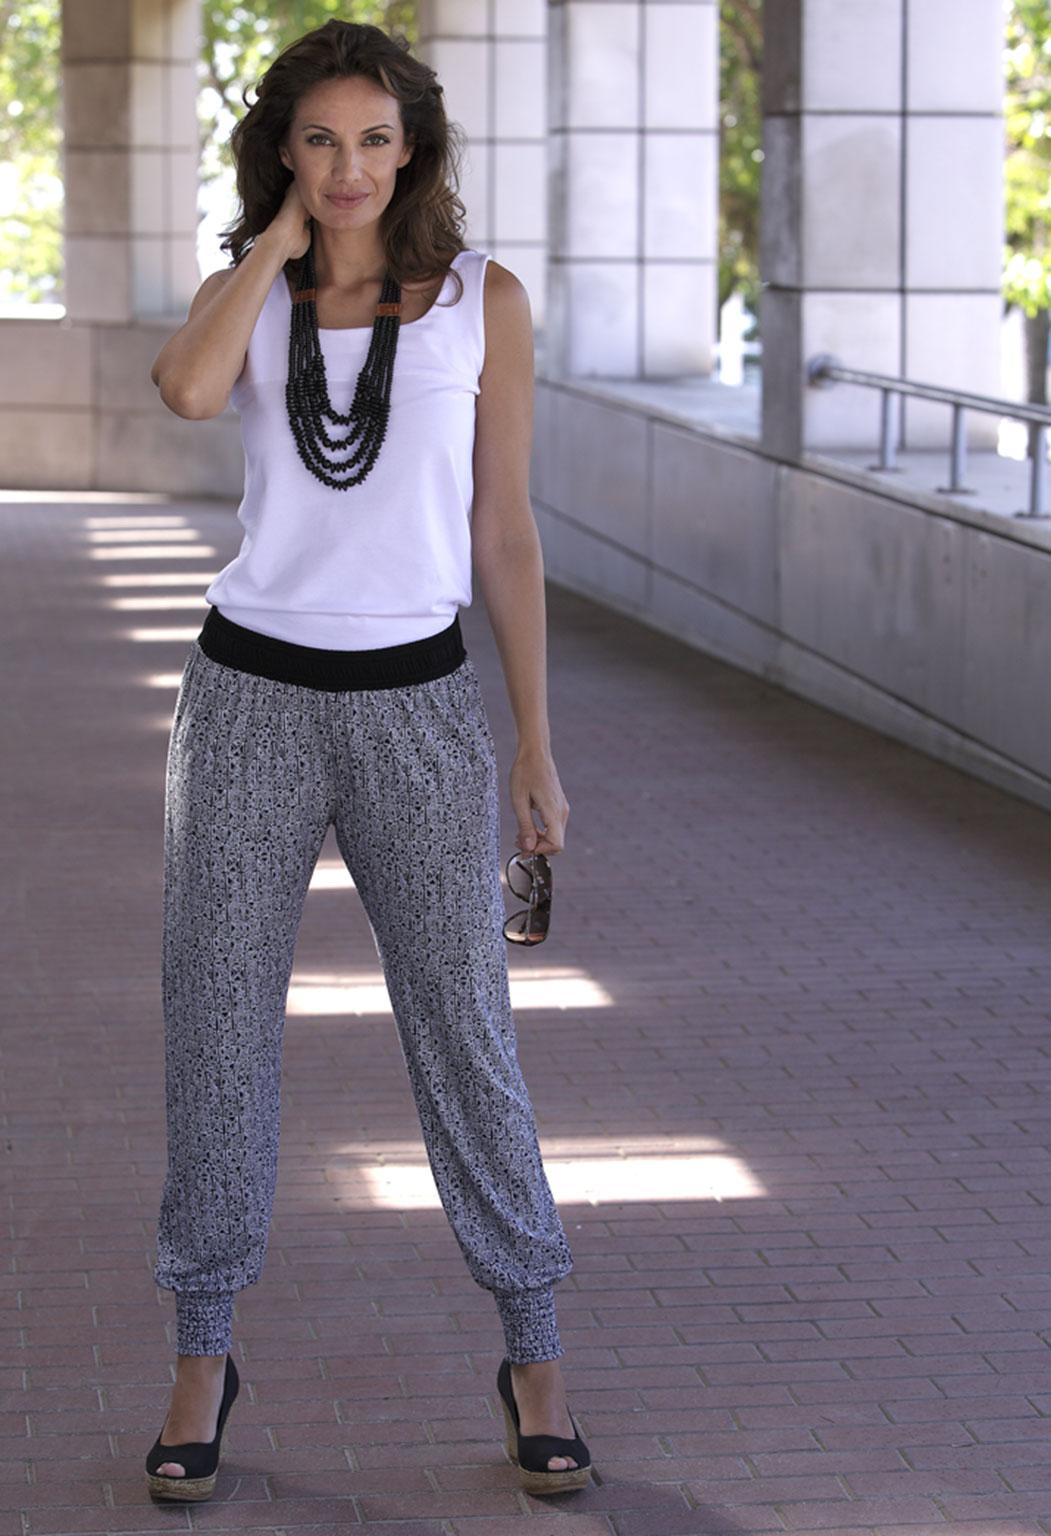 Pantalones Bombachos Fabulosos Modelos de Moda  Moda y